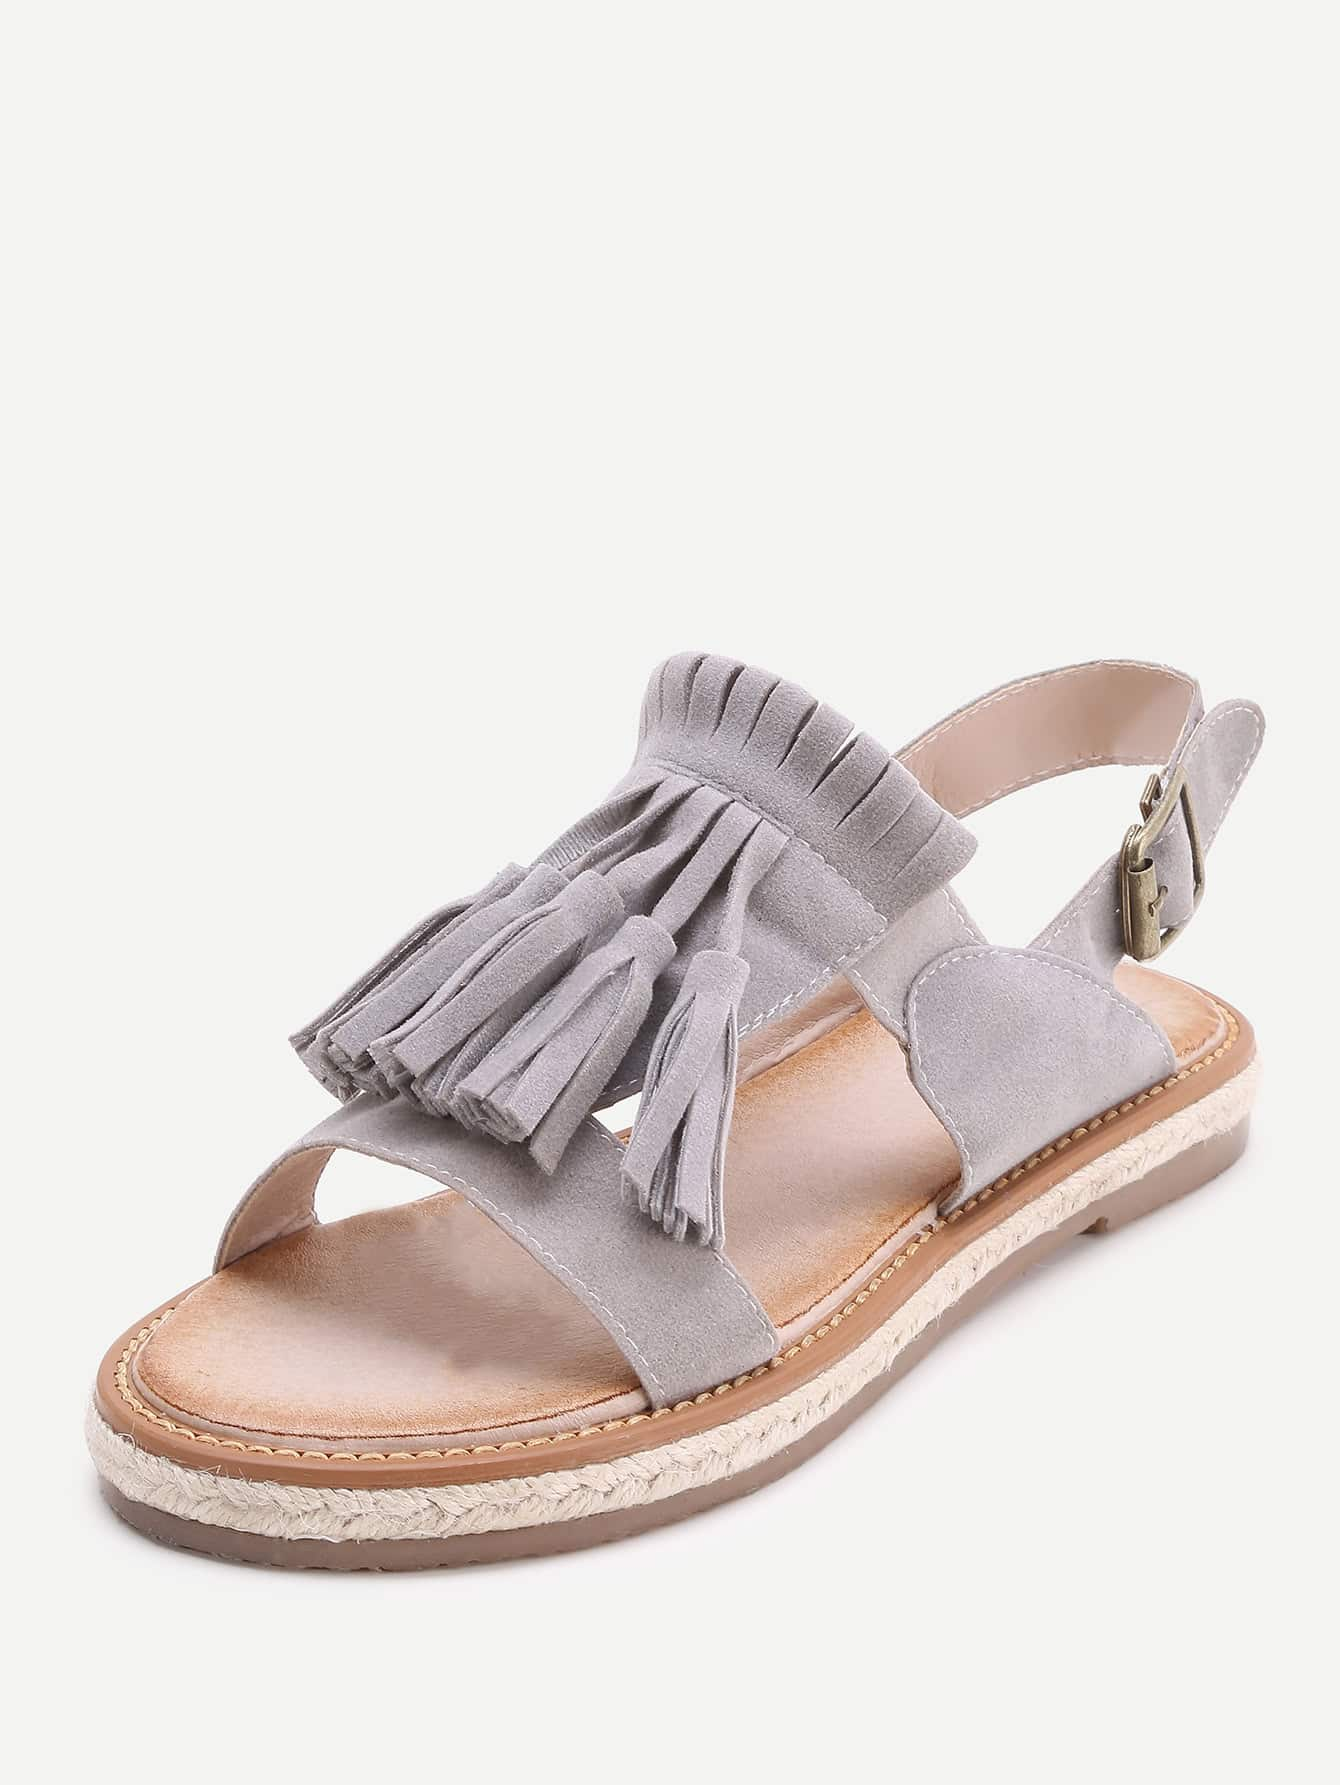 shoes170316815_2